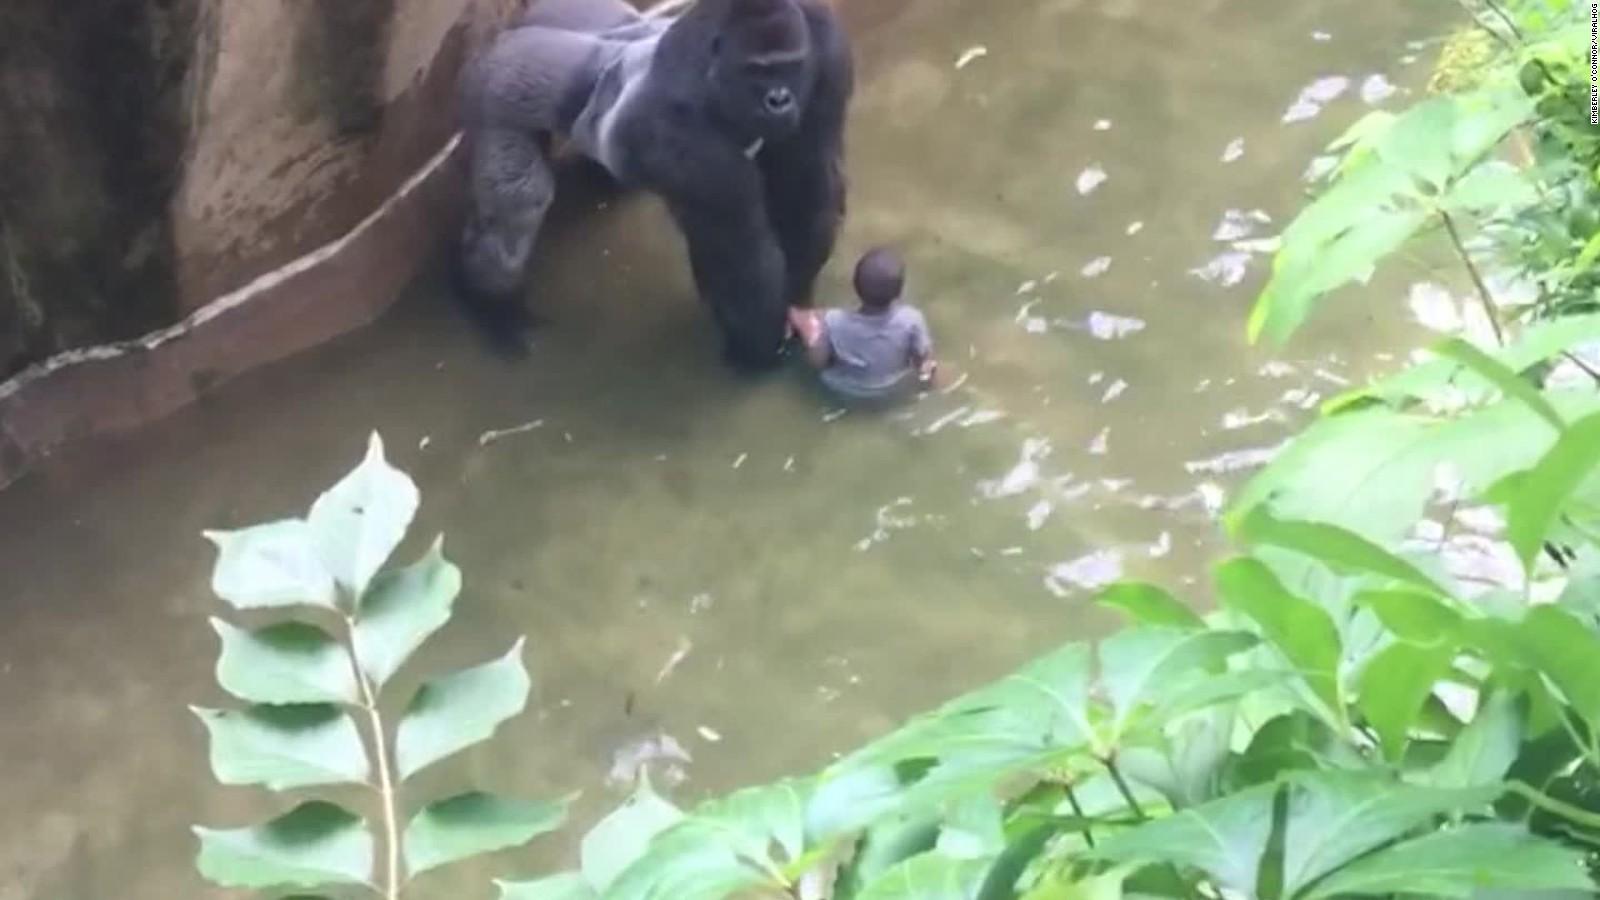 Mom calls 911 after son falls into gorilla enclosure